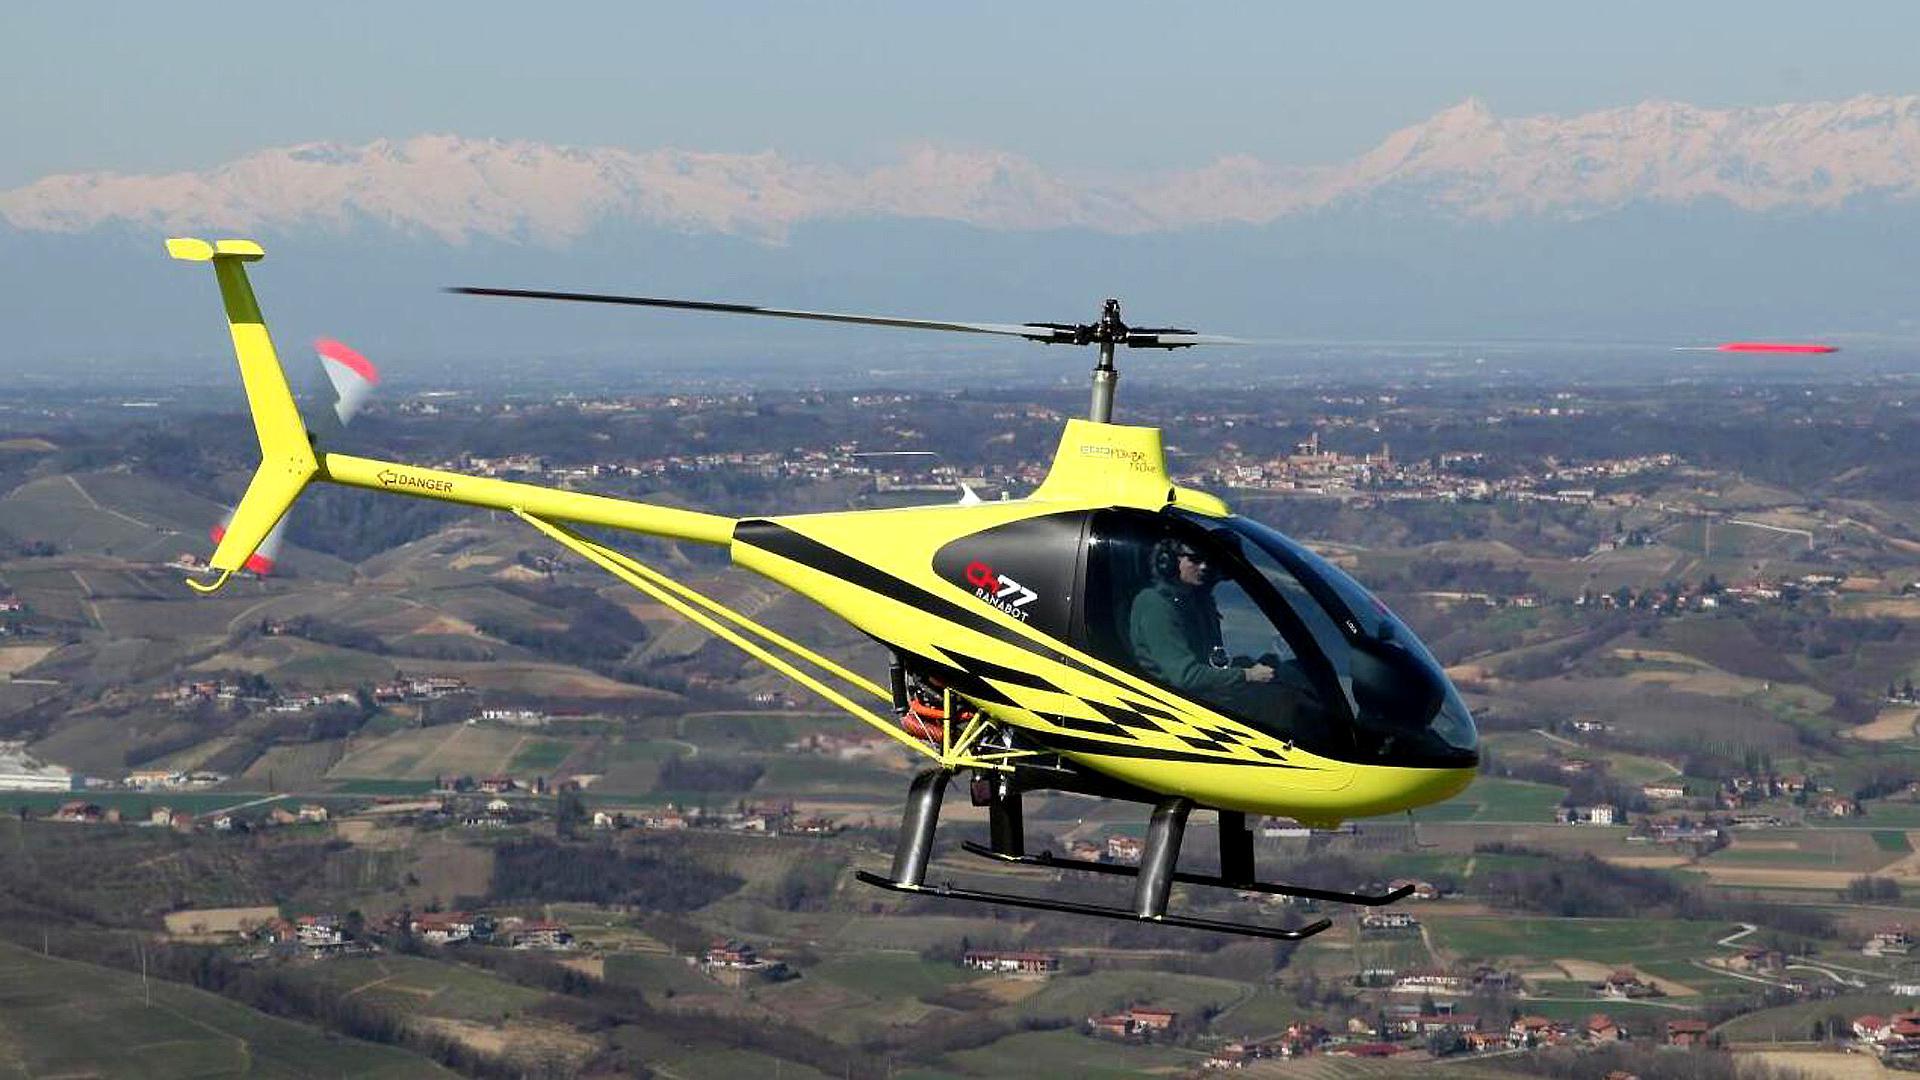 使用一台活塞发动机,这款轻型民用直升机,可让2人乘坐